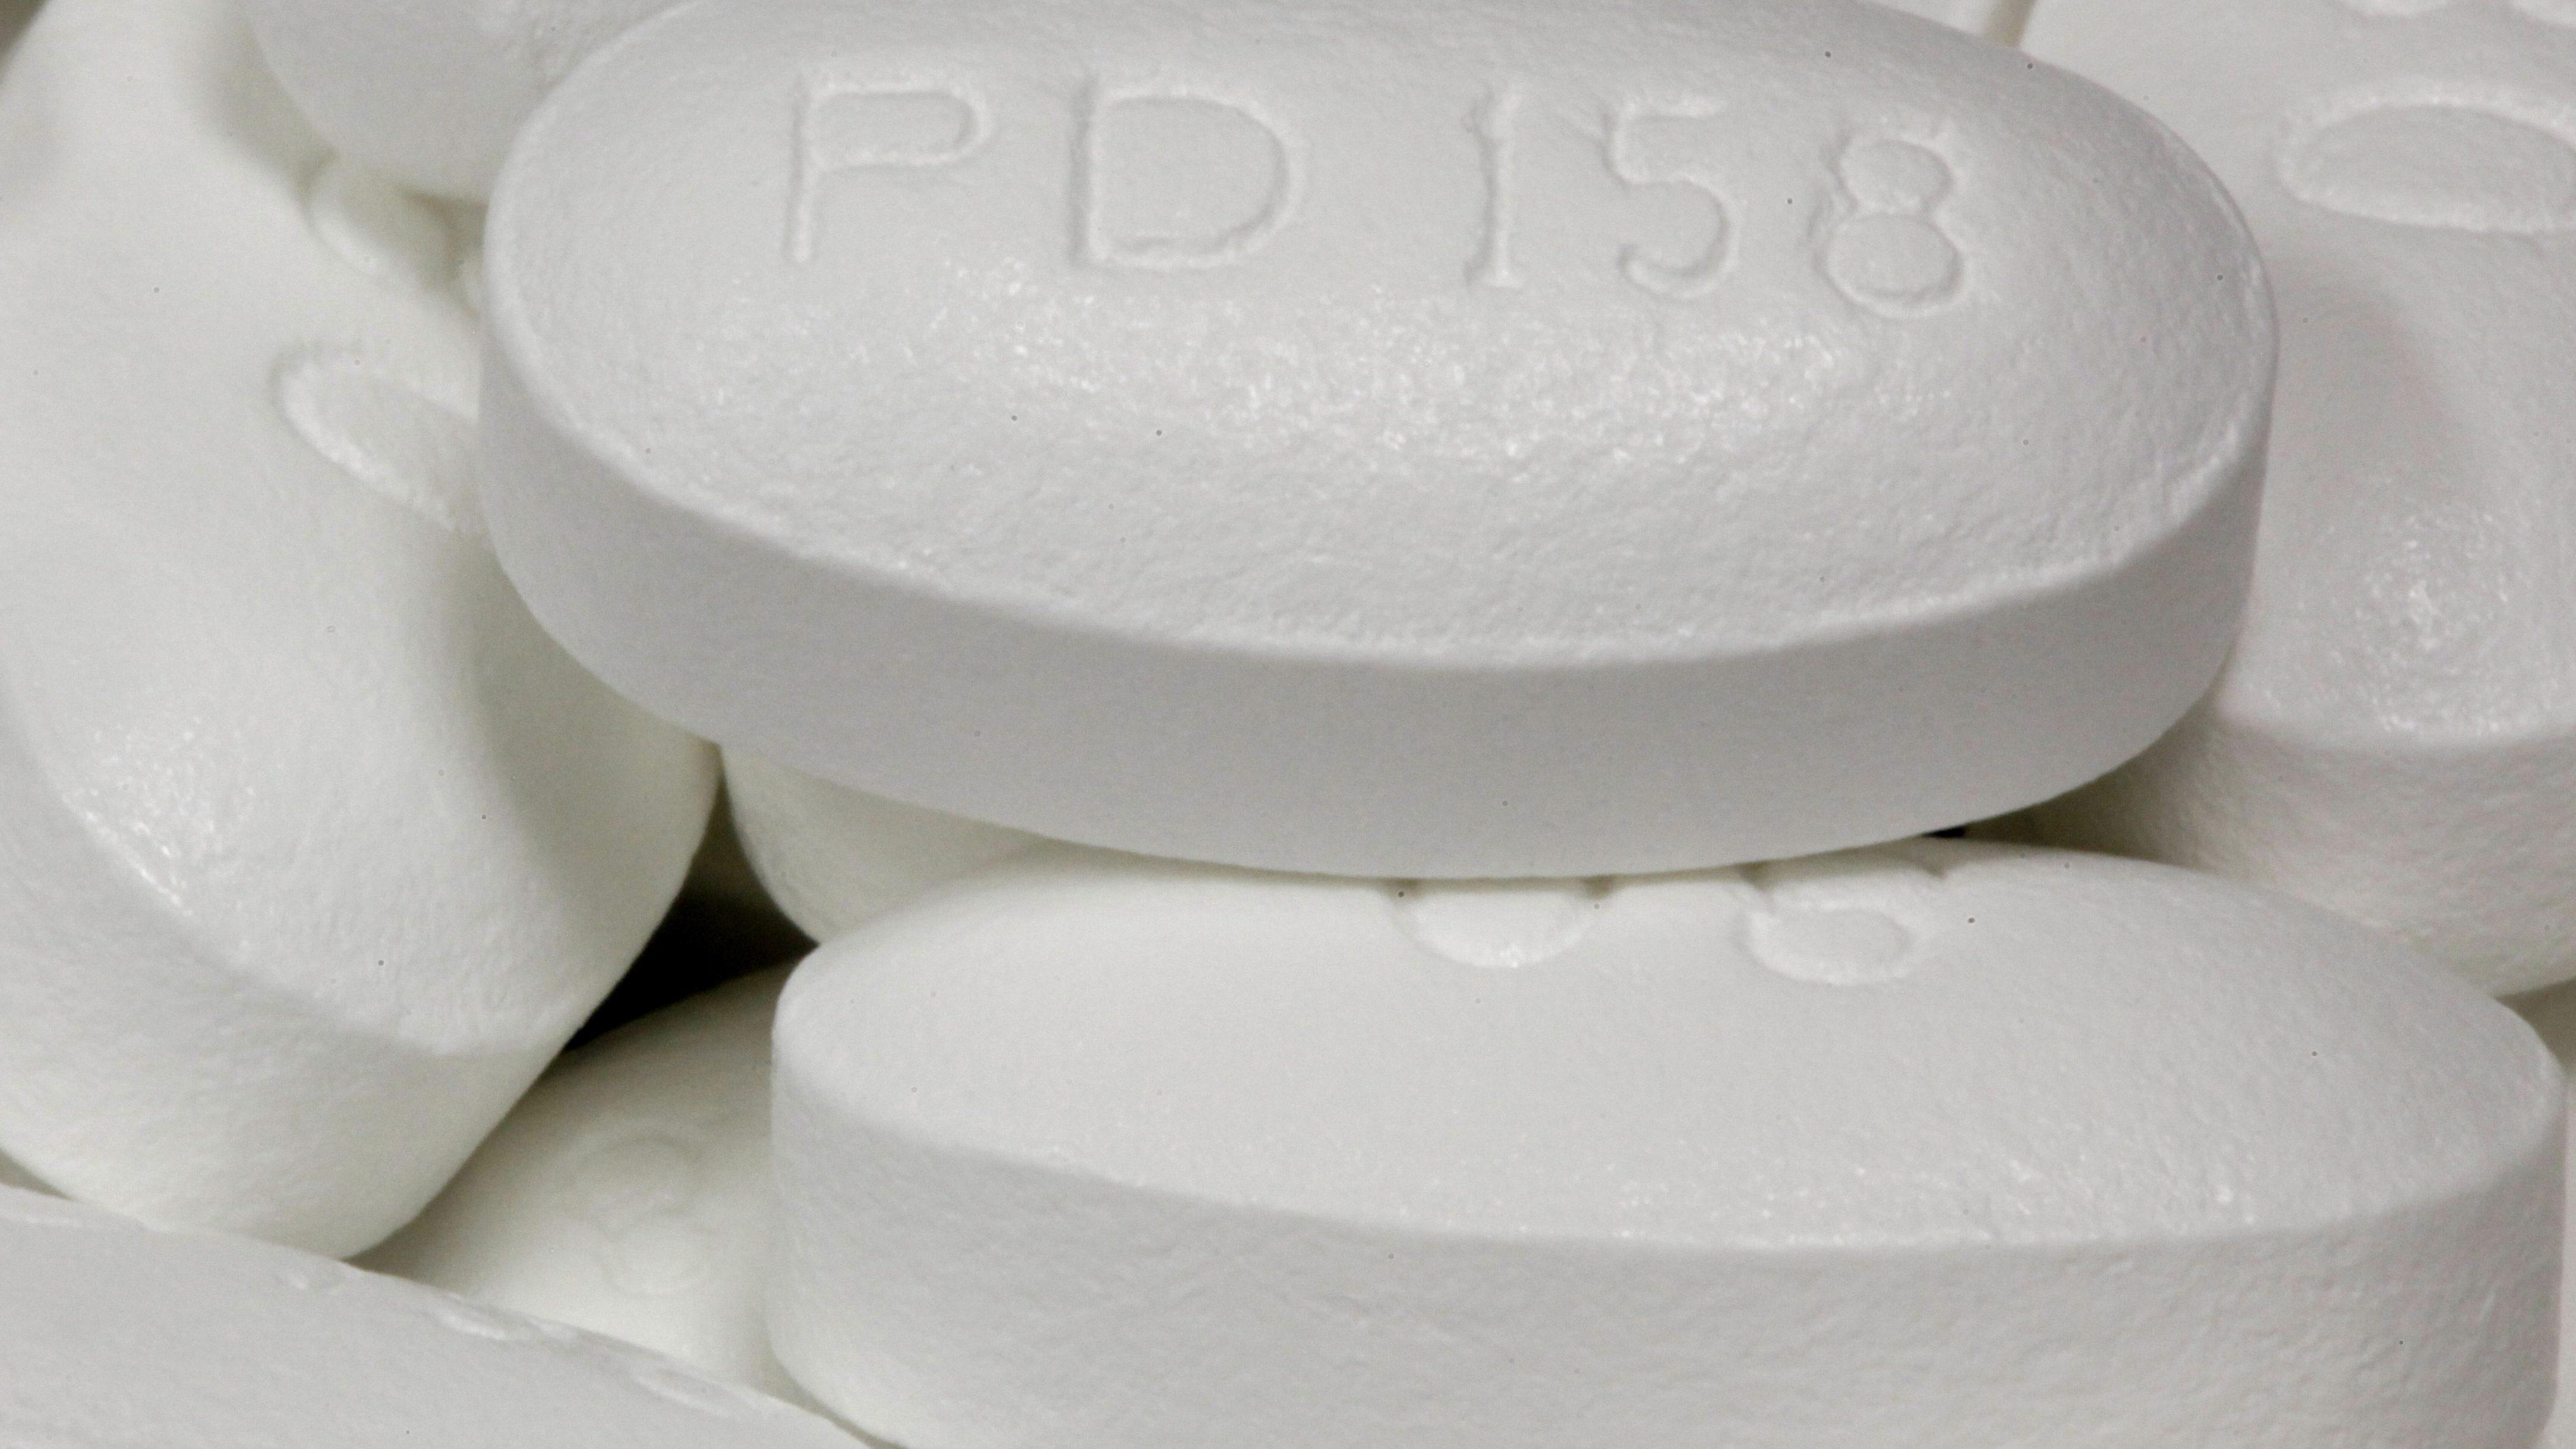 A close-up image of statin pills.